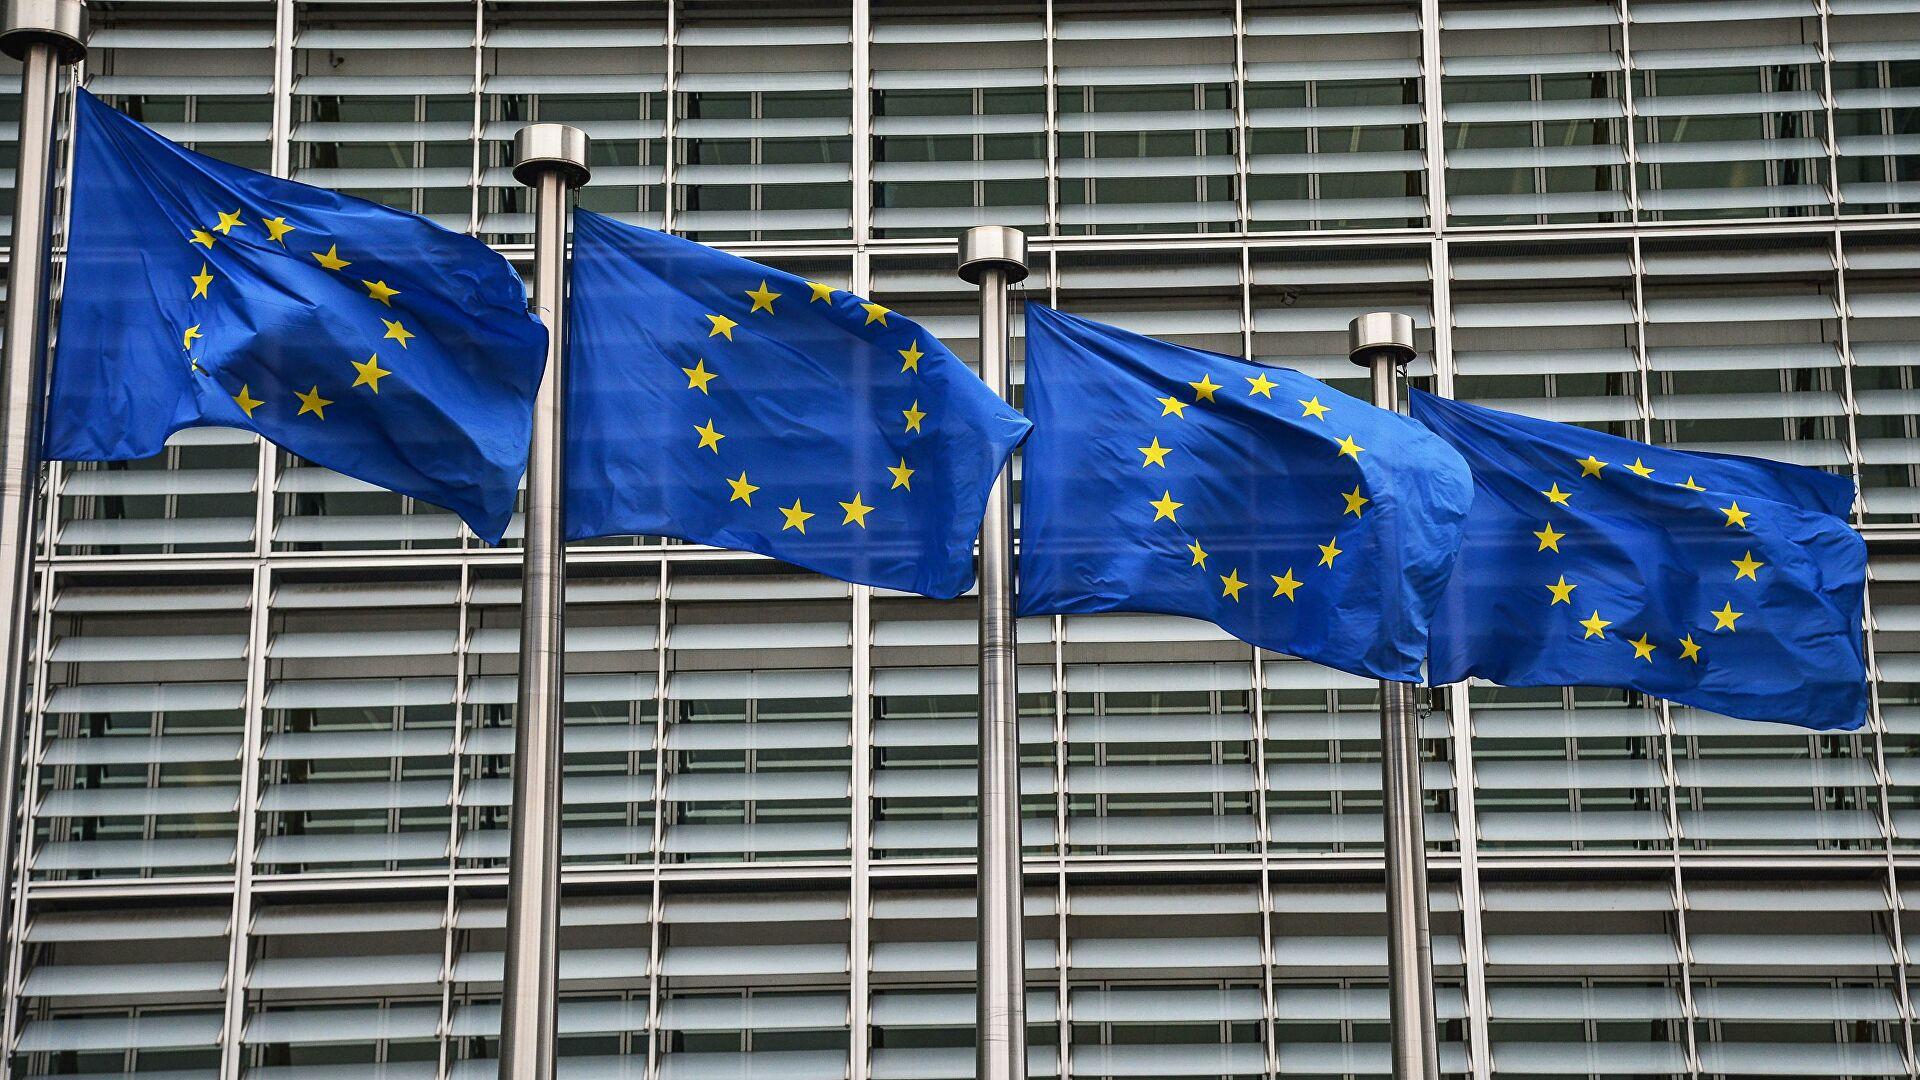 EU pozvala Tursku da se u regionu istočnog Mediterana uzdrži od jednostranih radnji